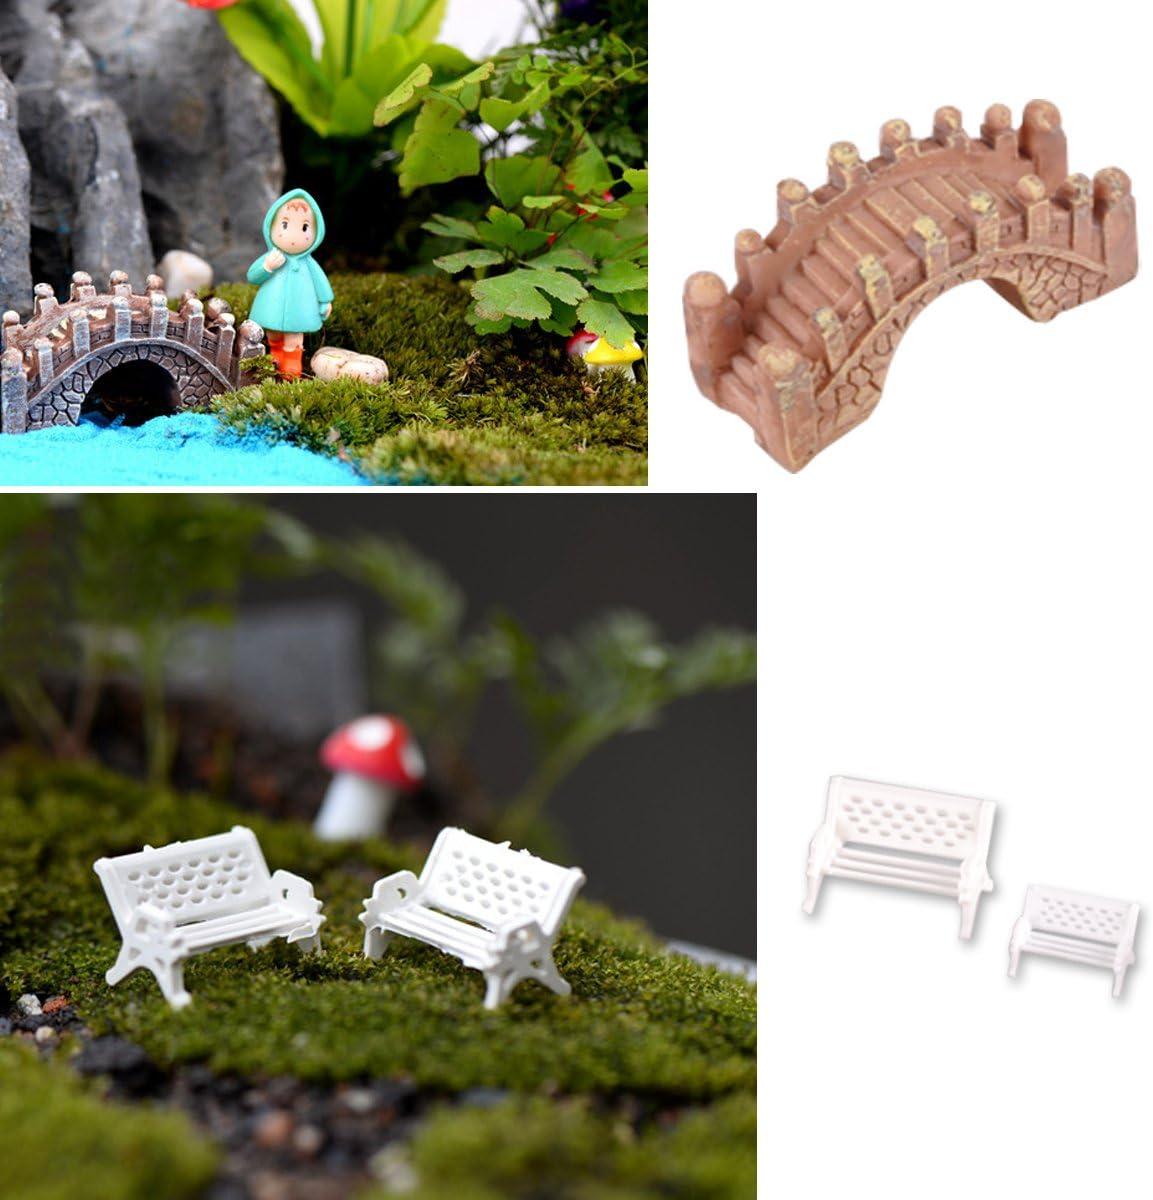 Lot de 60 pcs Champignon Miniature en Résin Maison de Poupée Jardin Bonsaï